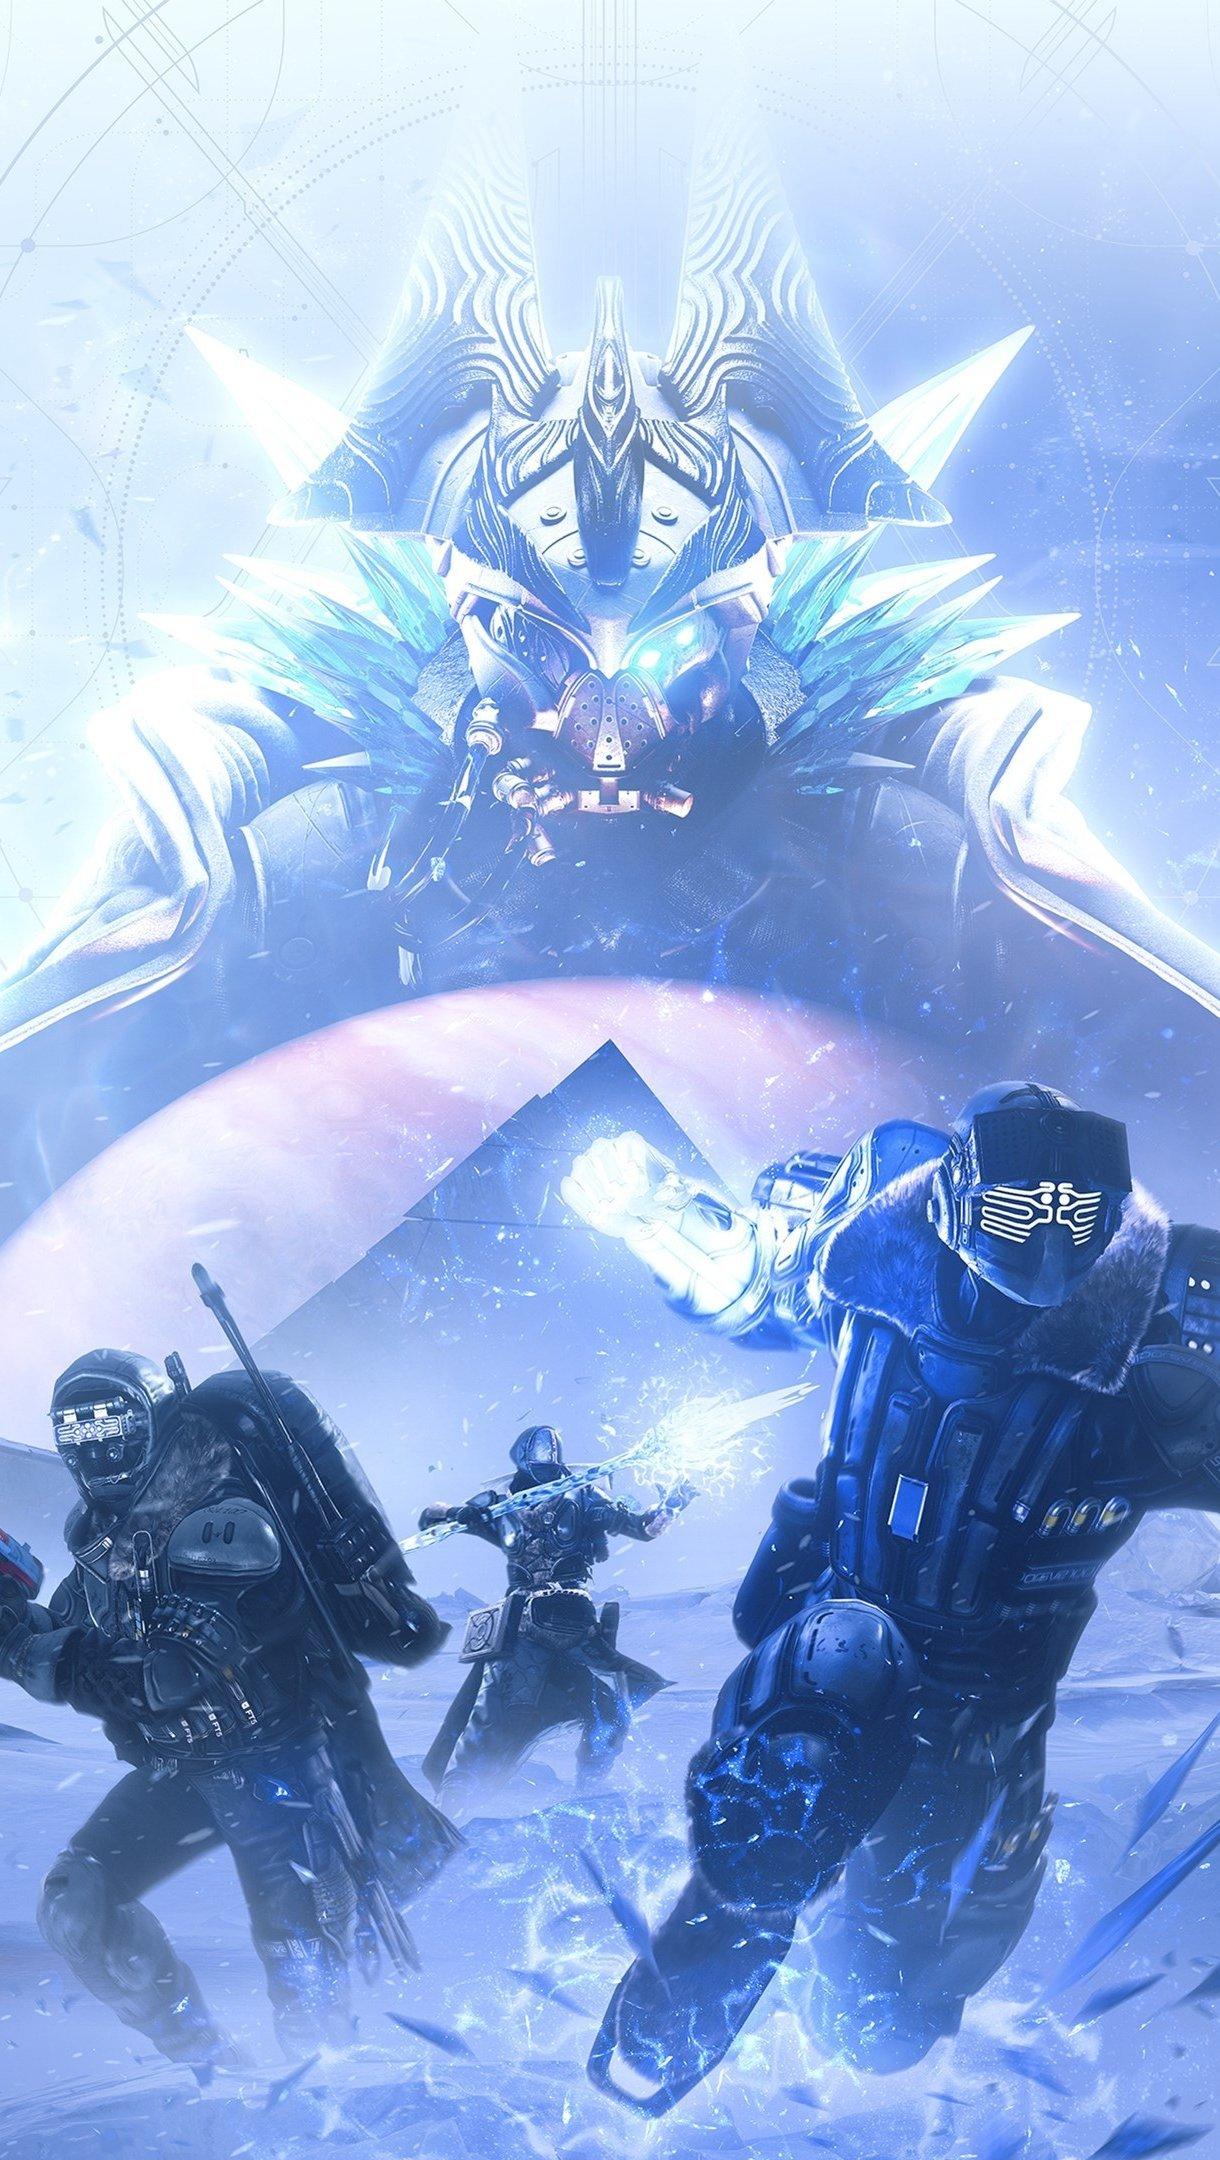 Wallpaper Destiny 2 Beyond Light 2020 Vertical